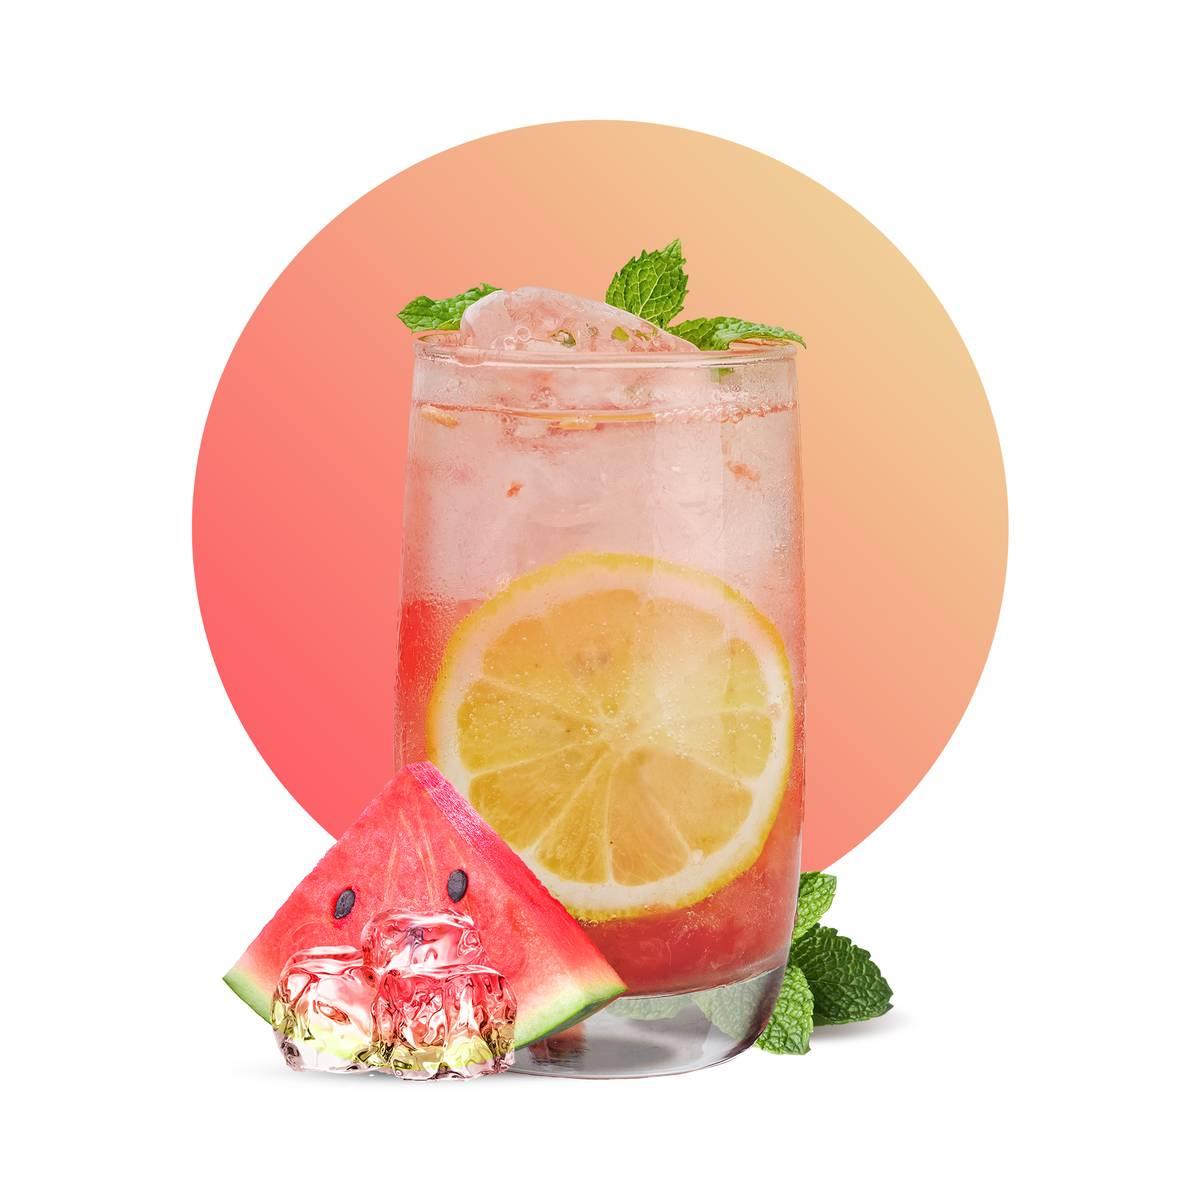 Watermelon Sweet & Sour Sling Drink Recipe